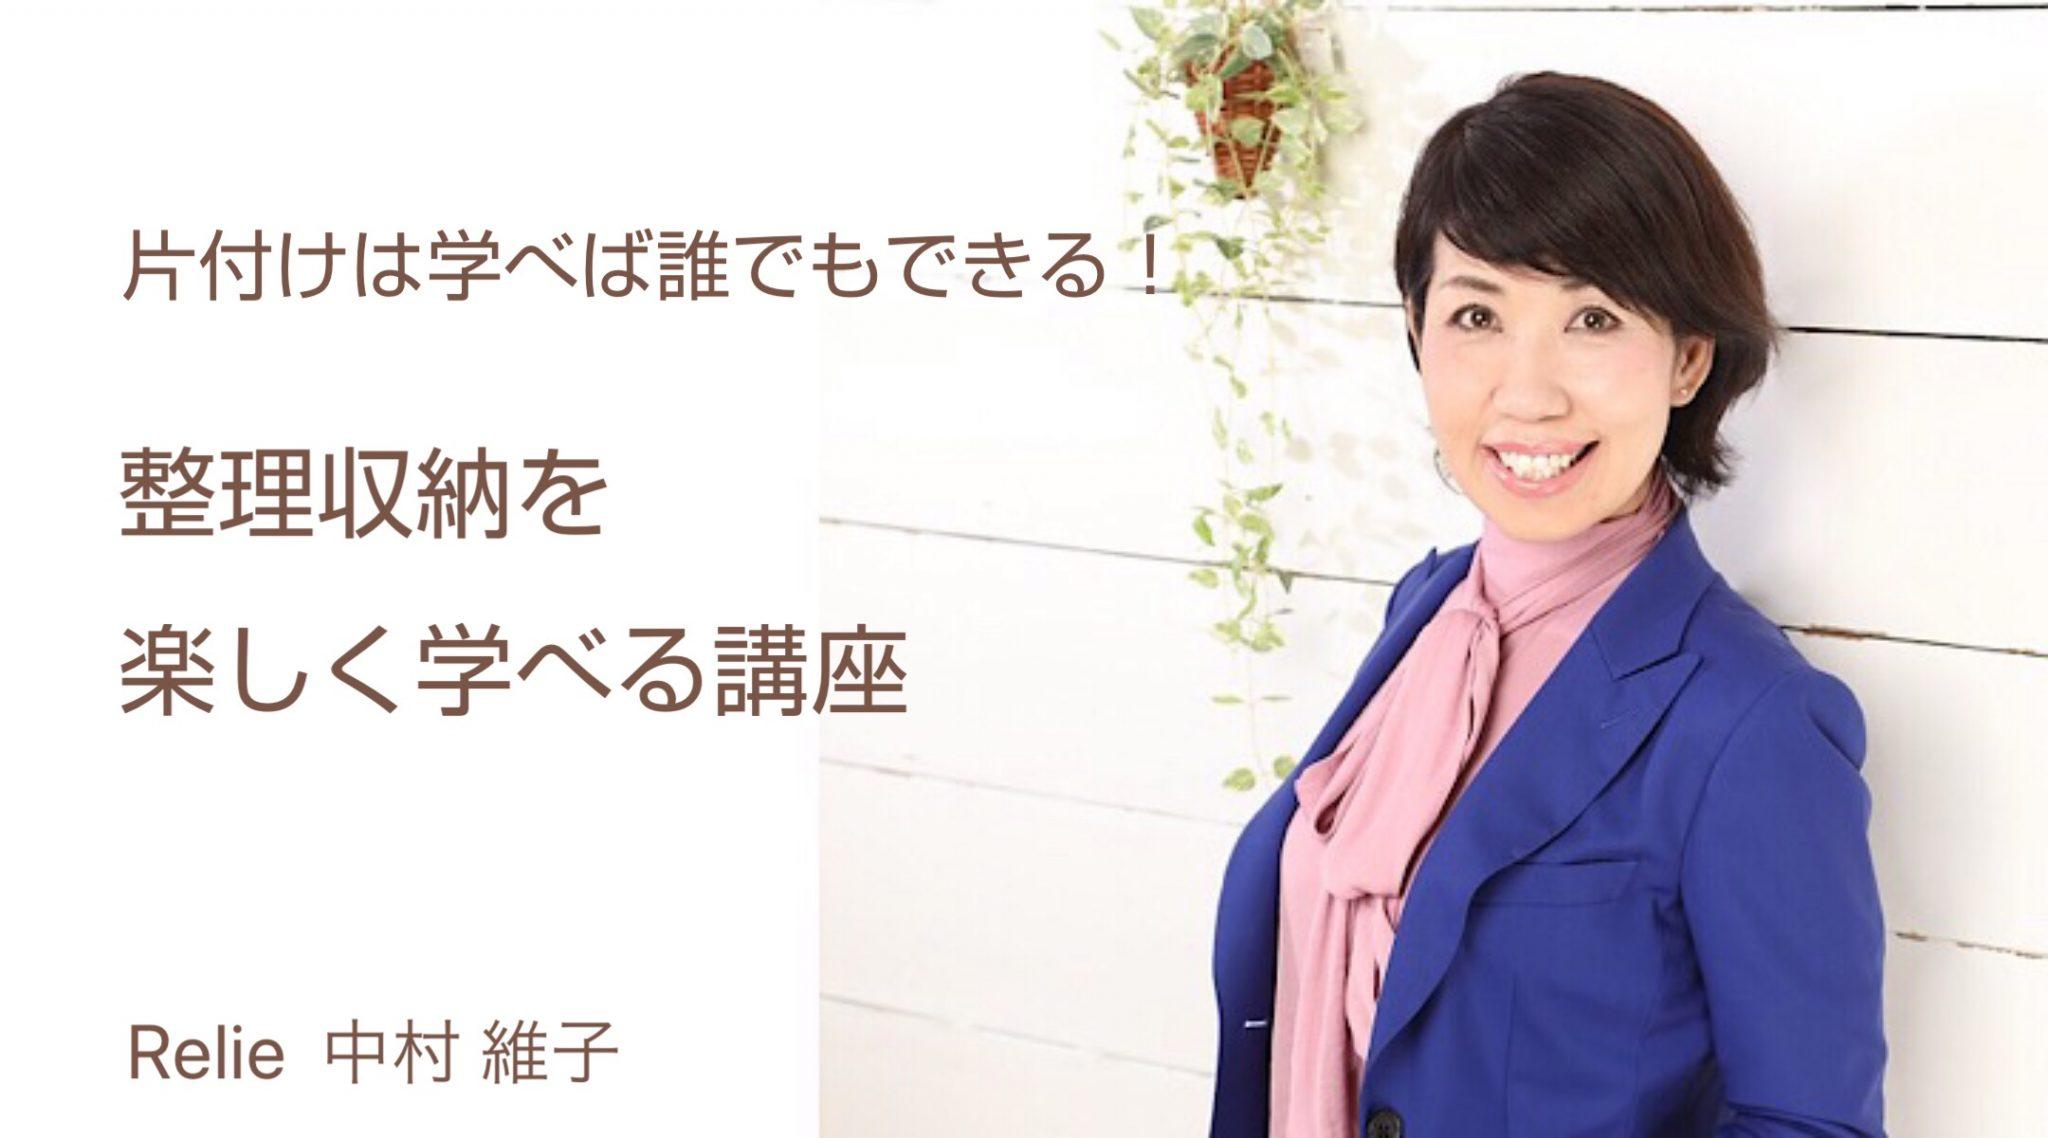 整理収納アドバイザー2級・3級 認定講座 大阪